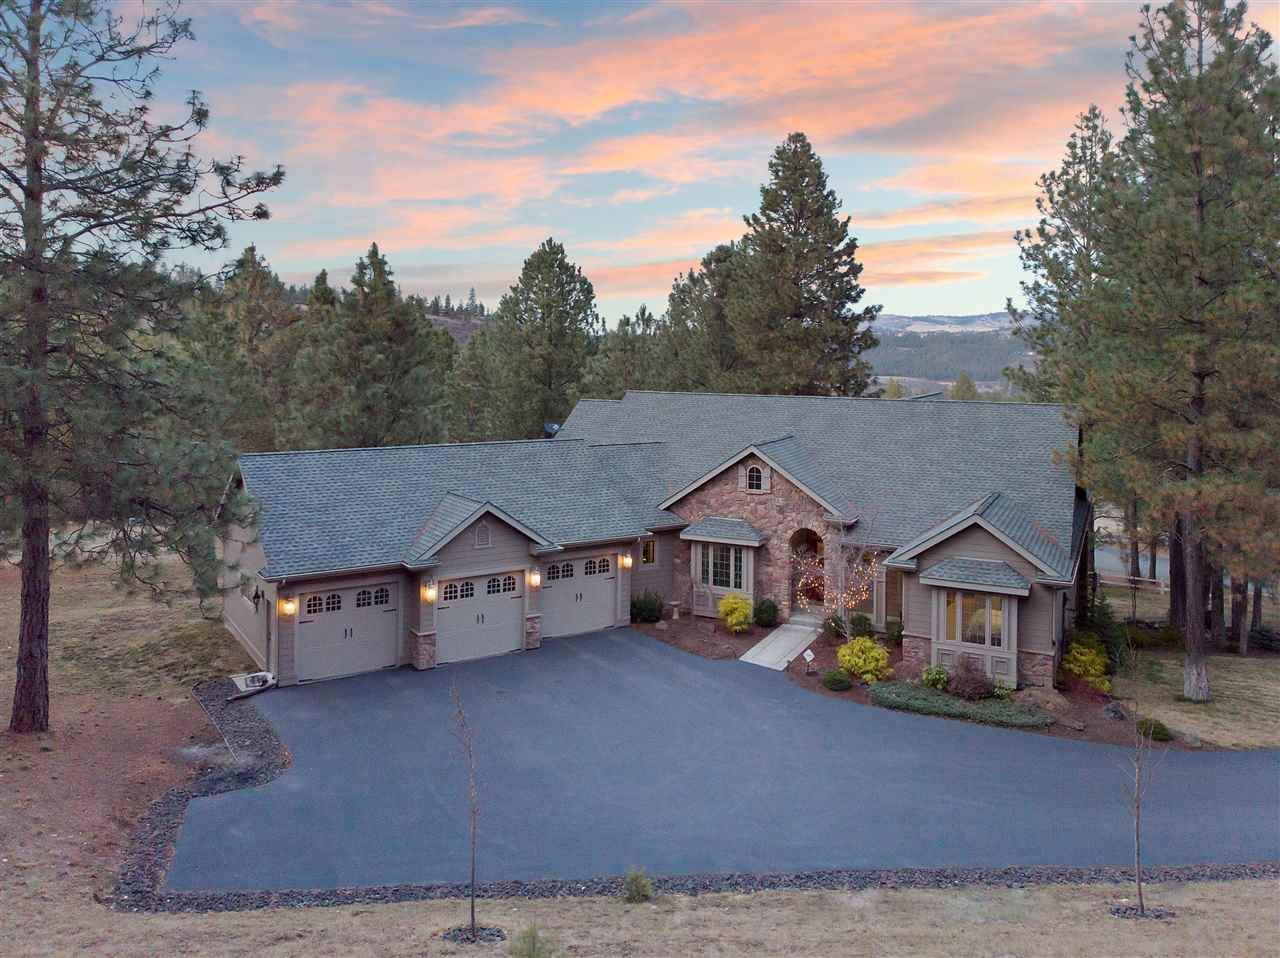 13212 S Upper Meadow Ln, Spokane, WA 99224 - #: 202017308